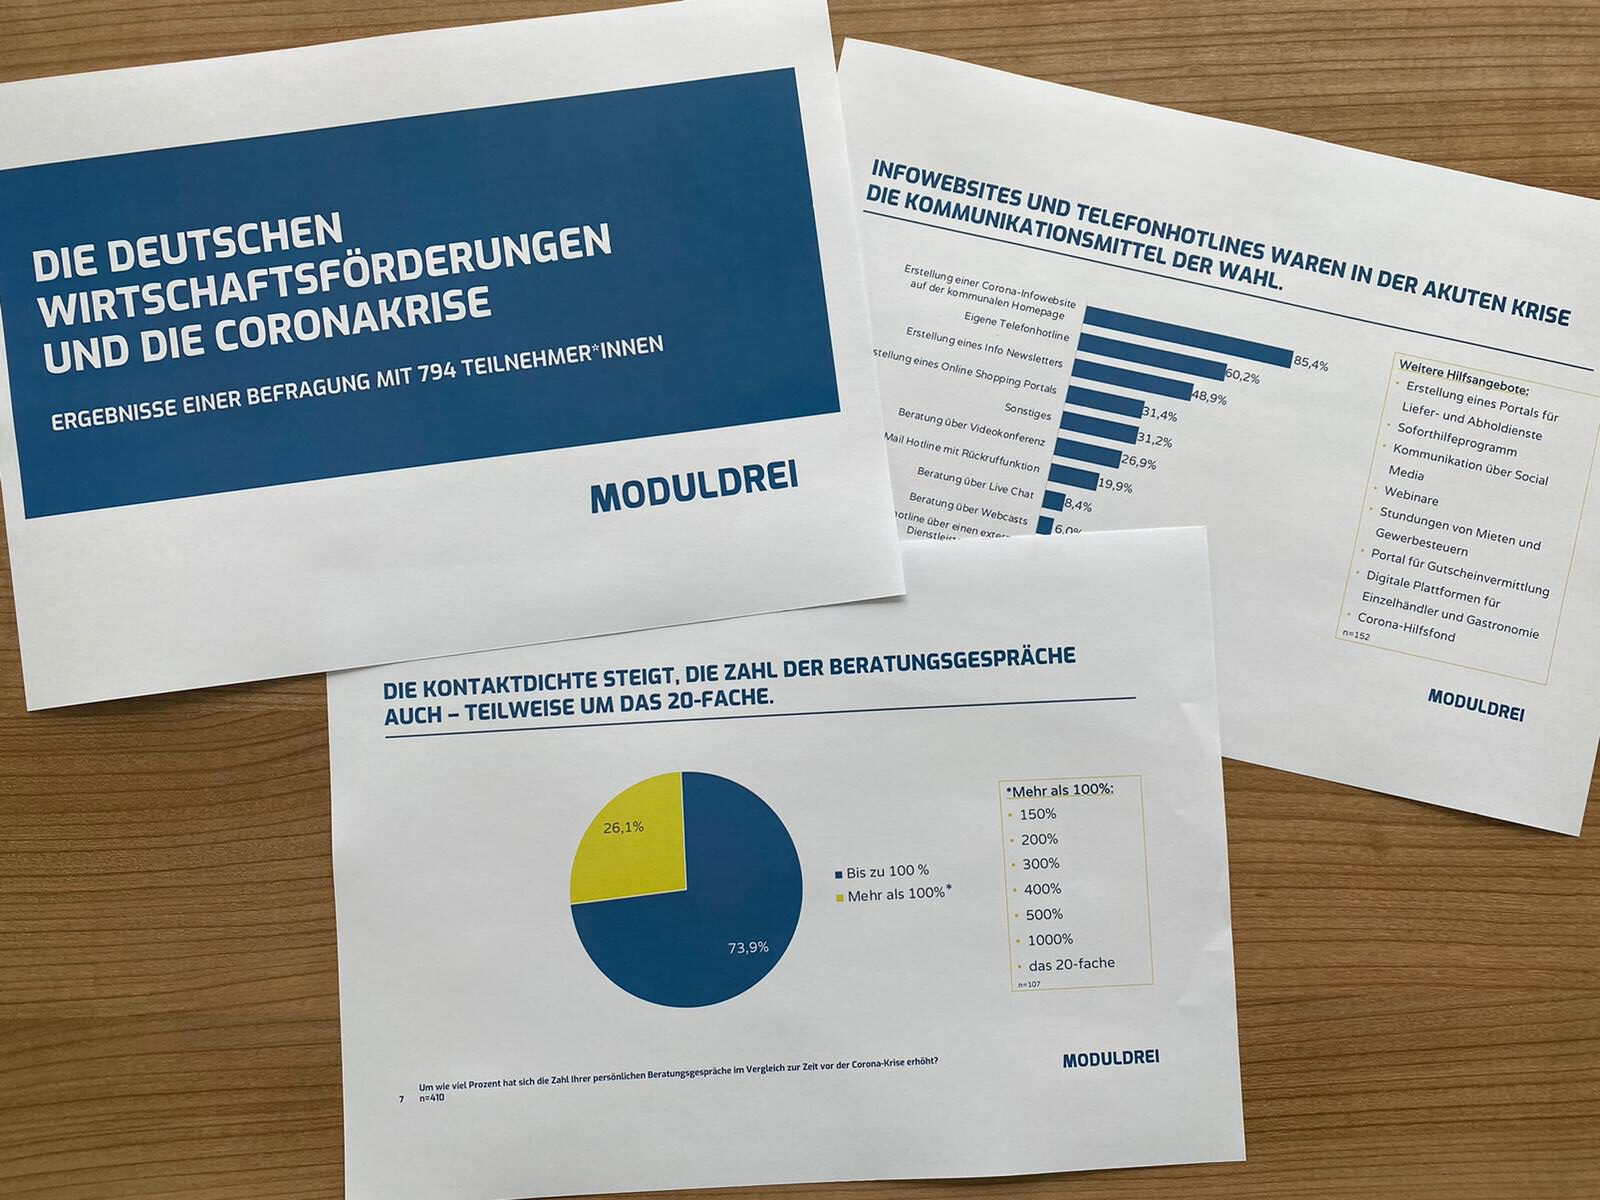 Moduldrei Corona-Umfrage Wirtschaftsförderungen 2020